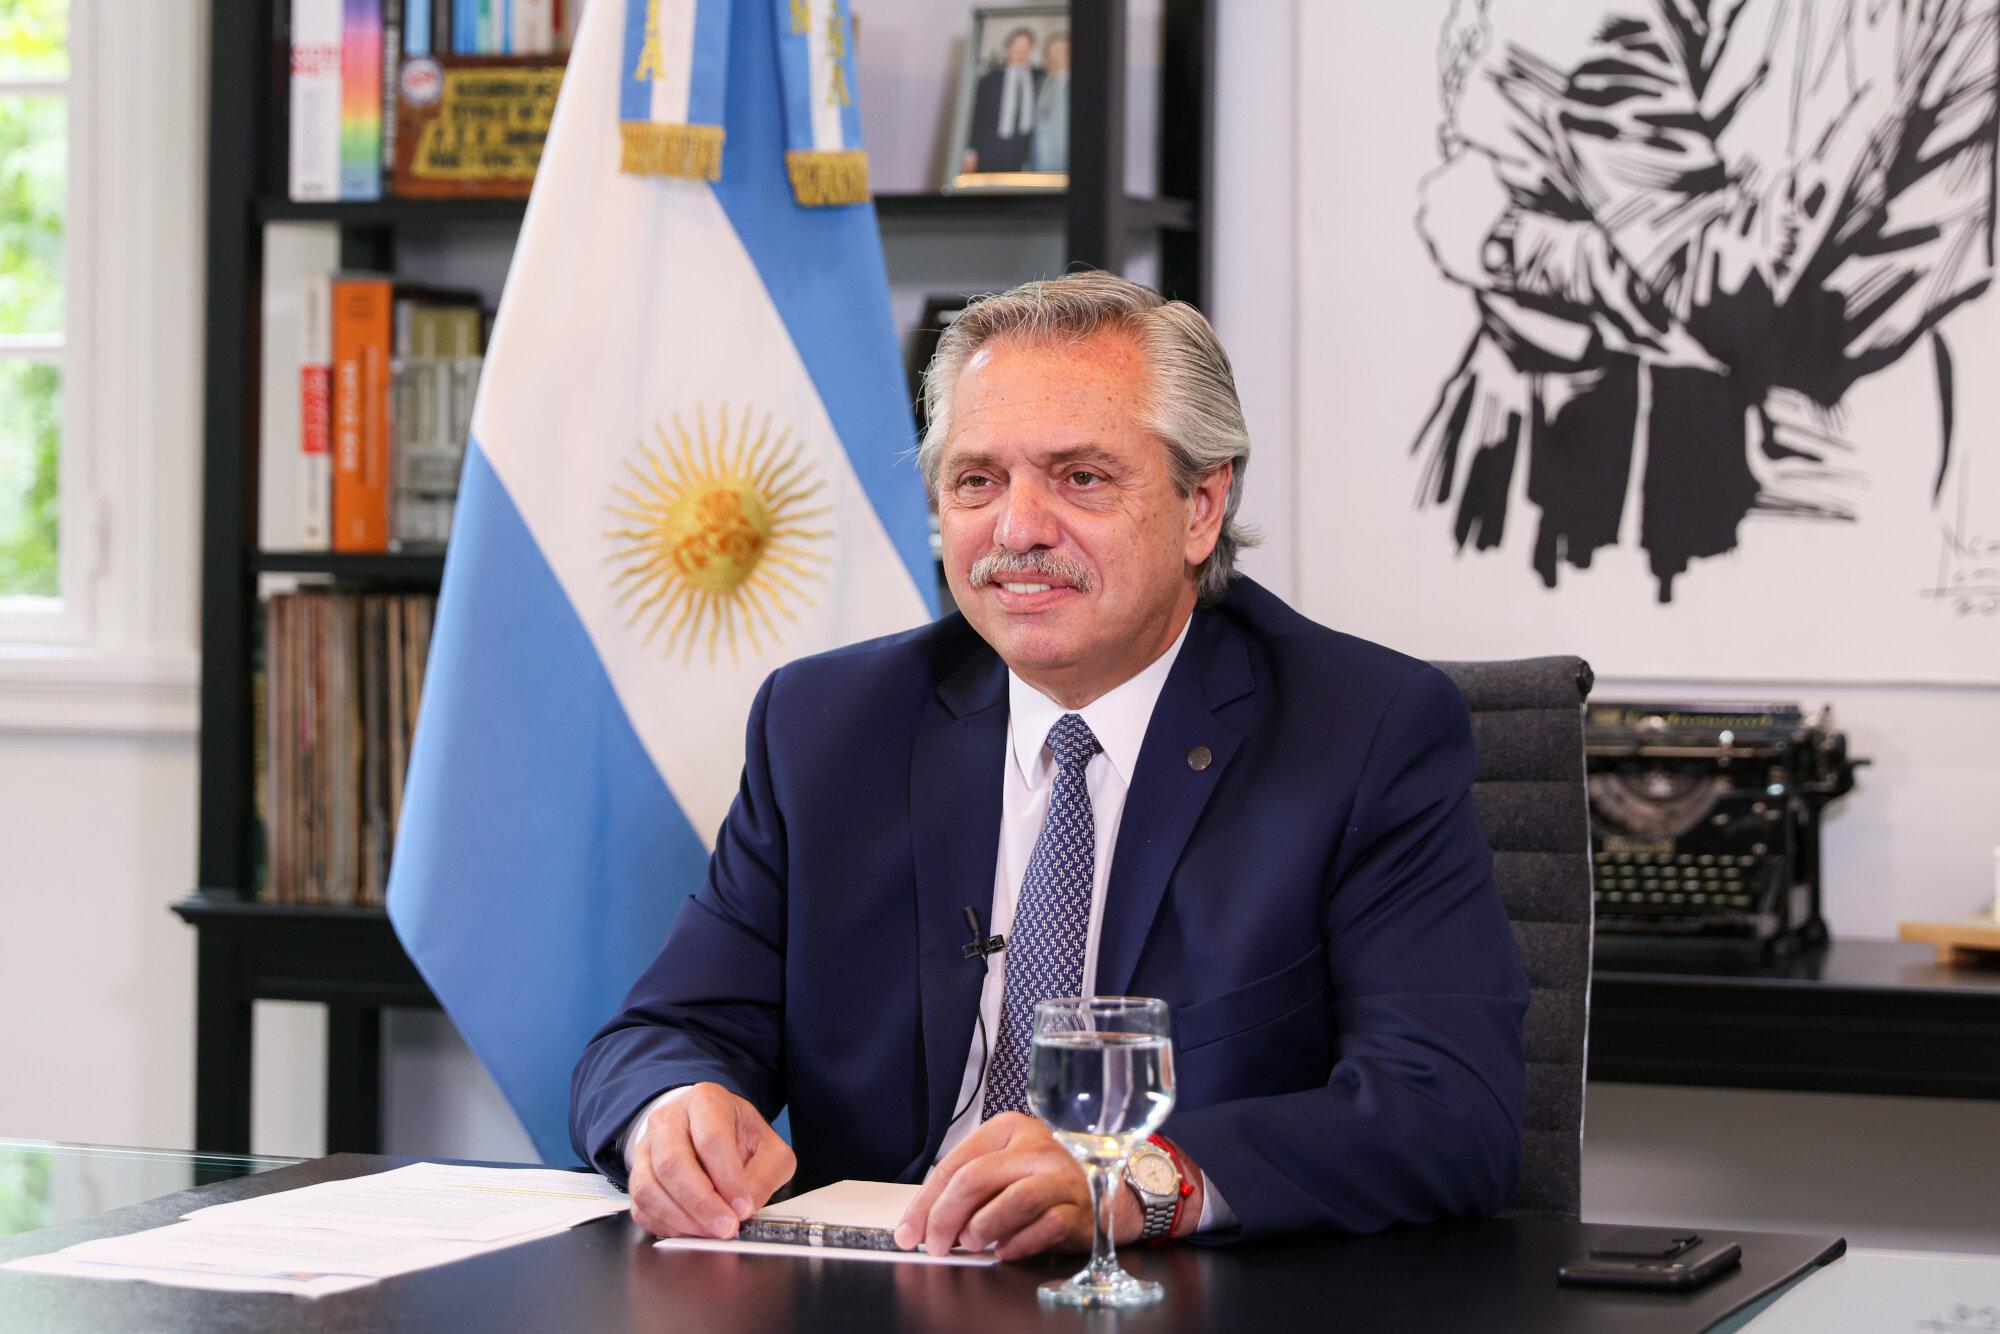 IMAGEM: Foto do presidente da Argentina em festa durante a quarentena viraliza